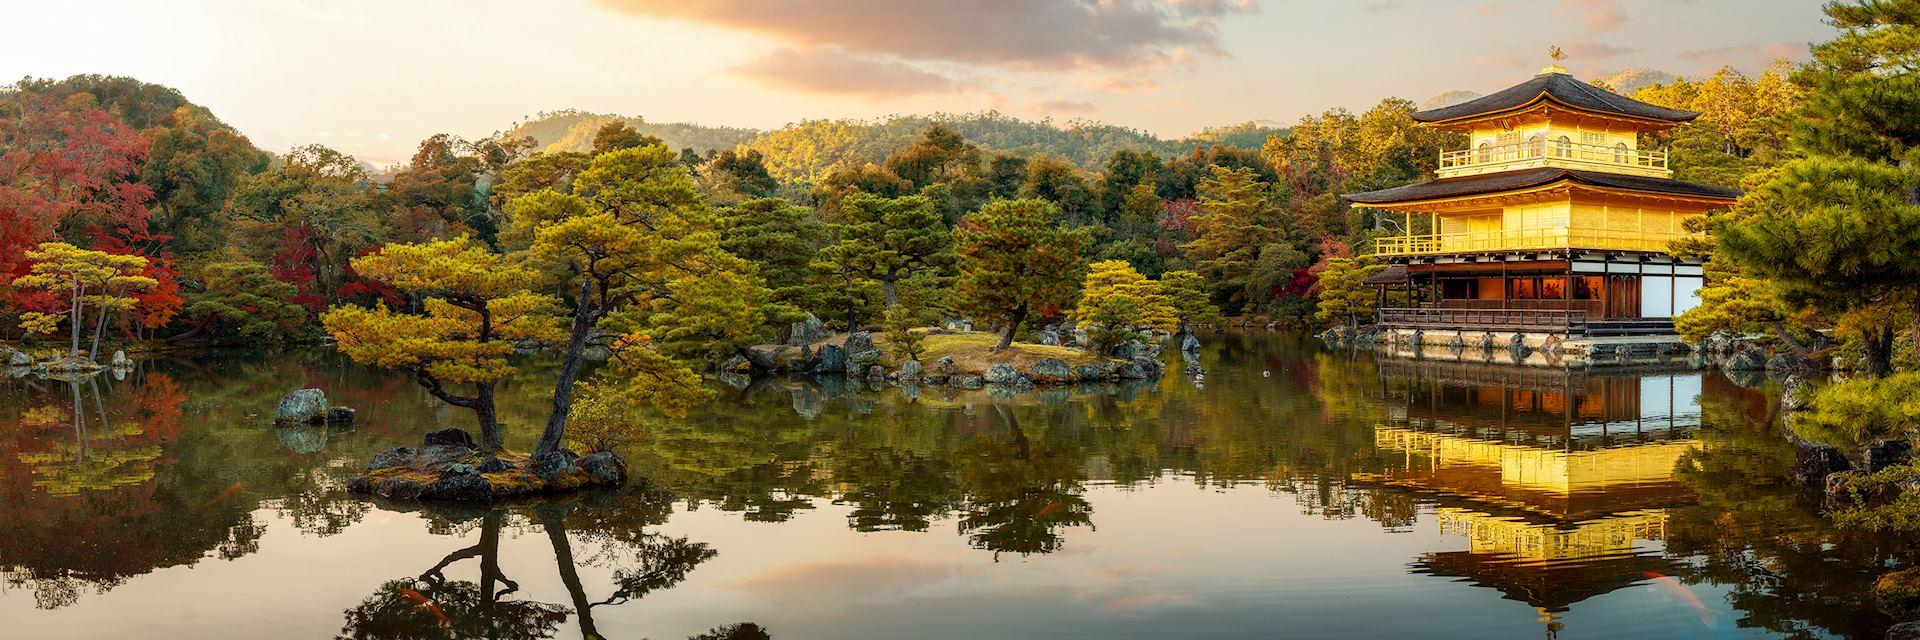 Golden Pavilion of Kinkaku-ji, Kyoto